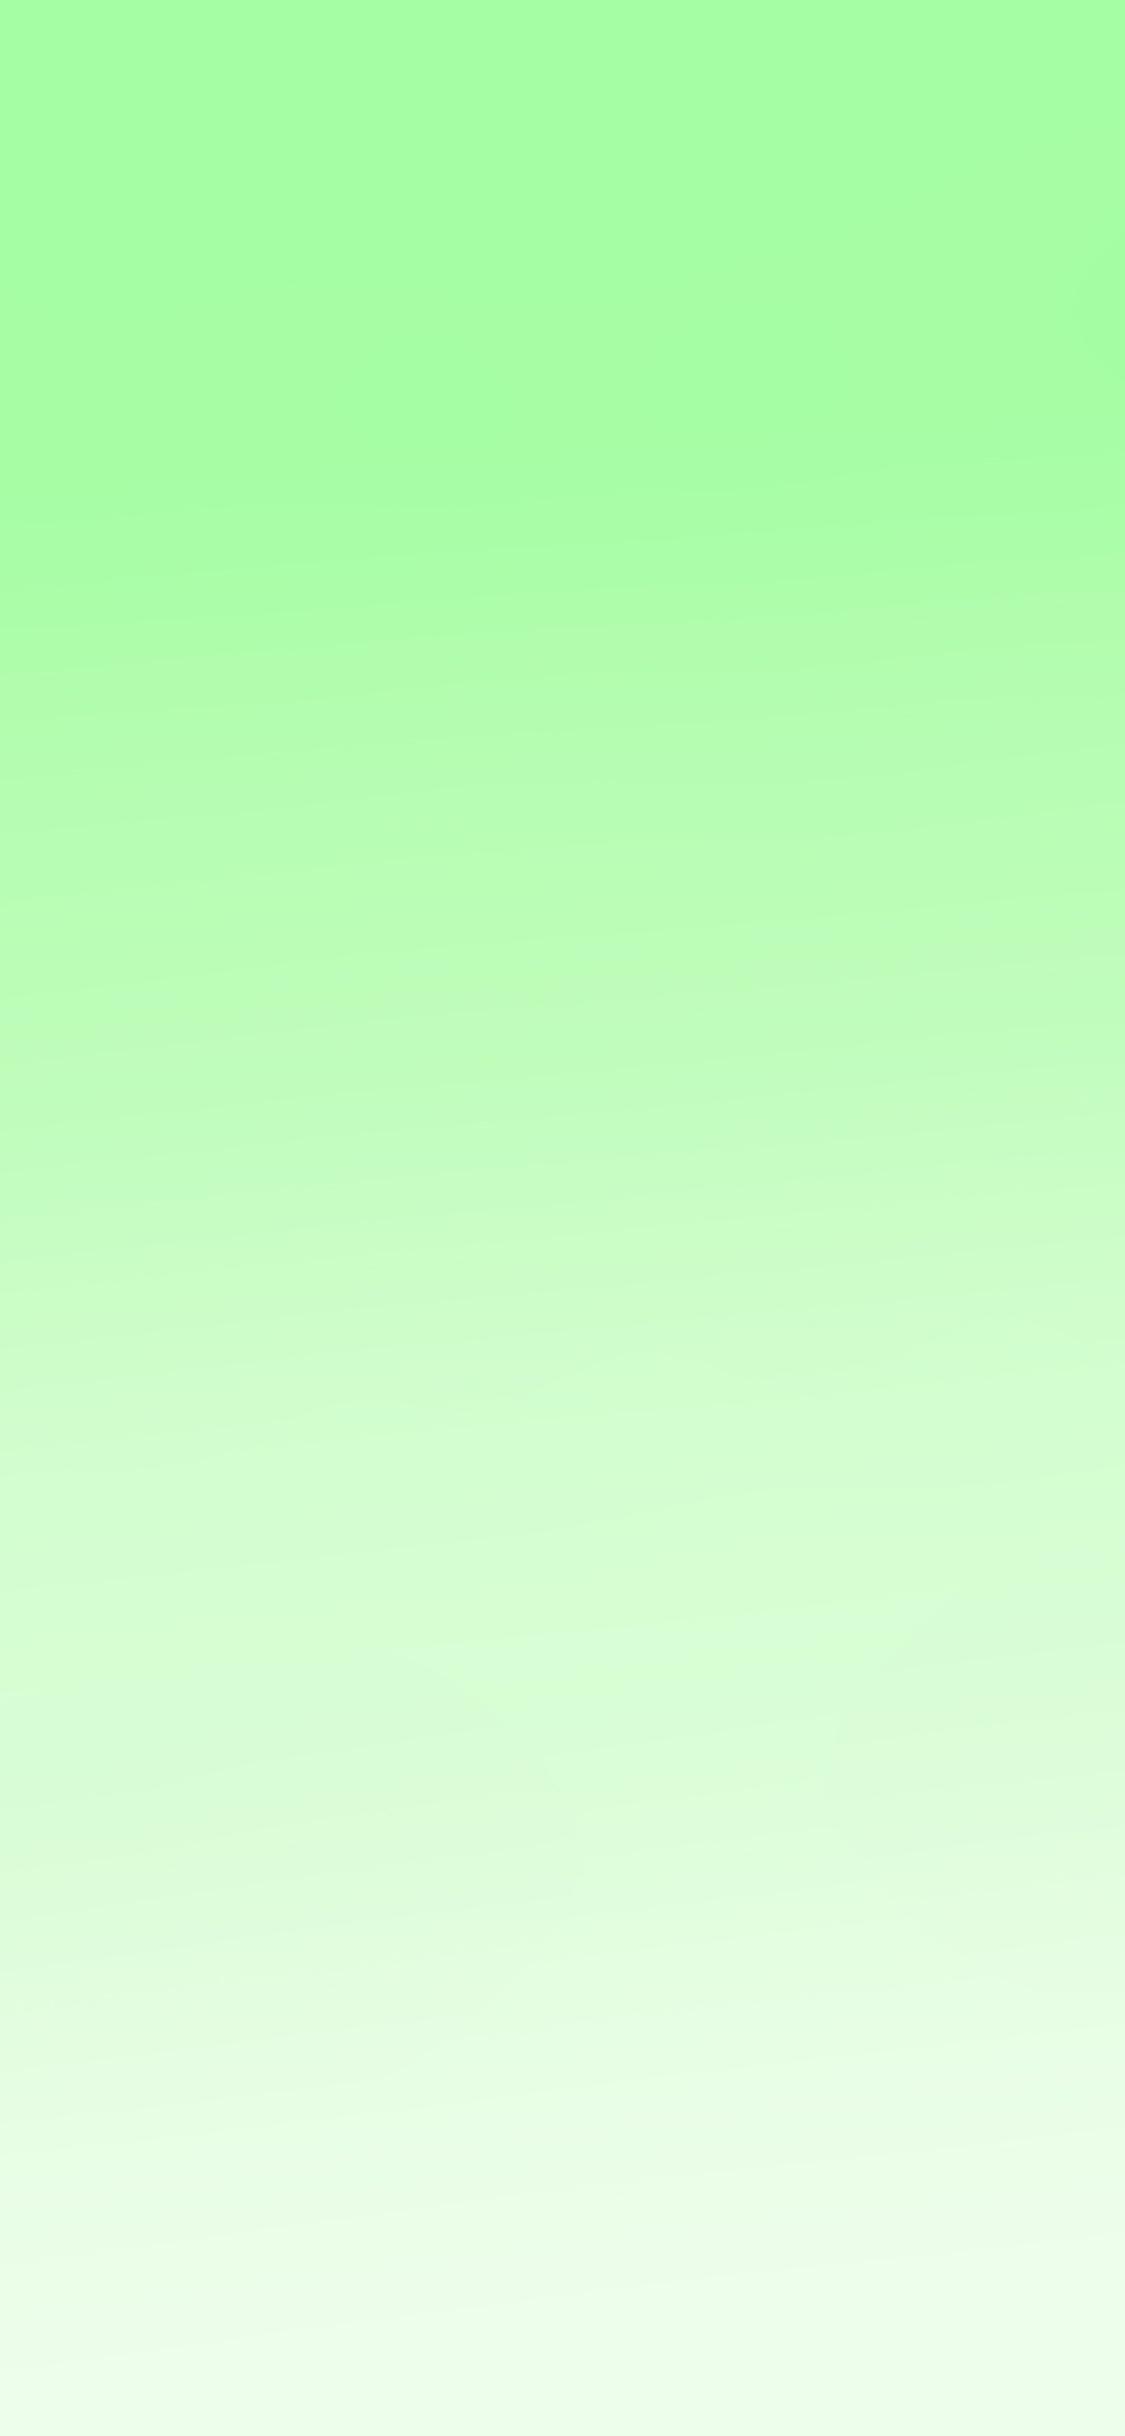 iPhoneXpapers.com-Apple-iPhone-wallpaper-sg21-light-green-gradation-blur